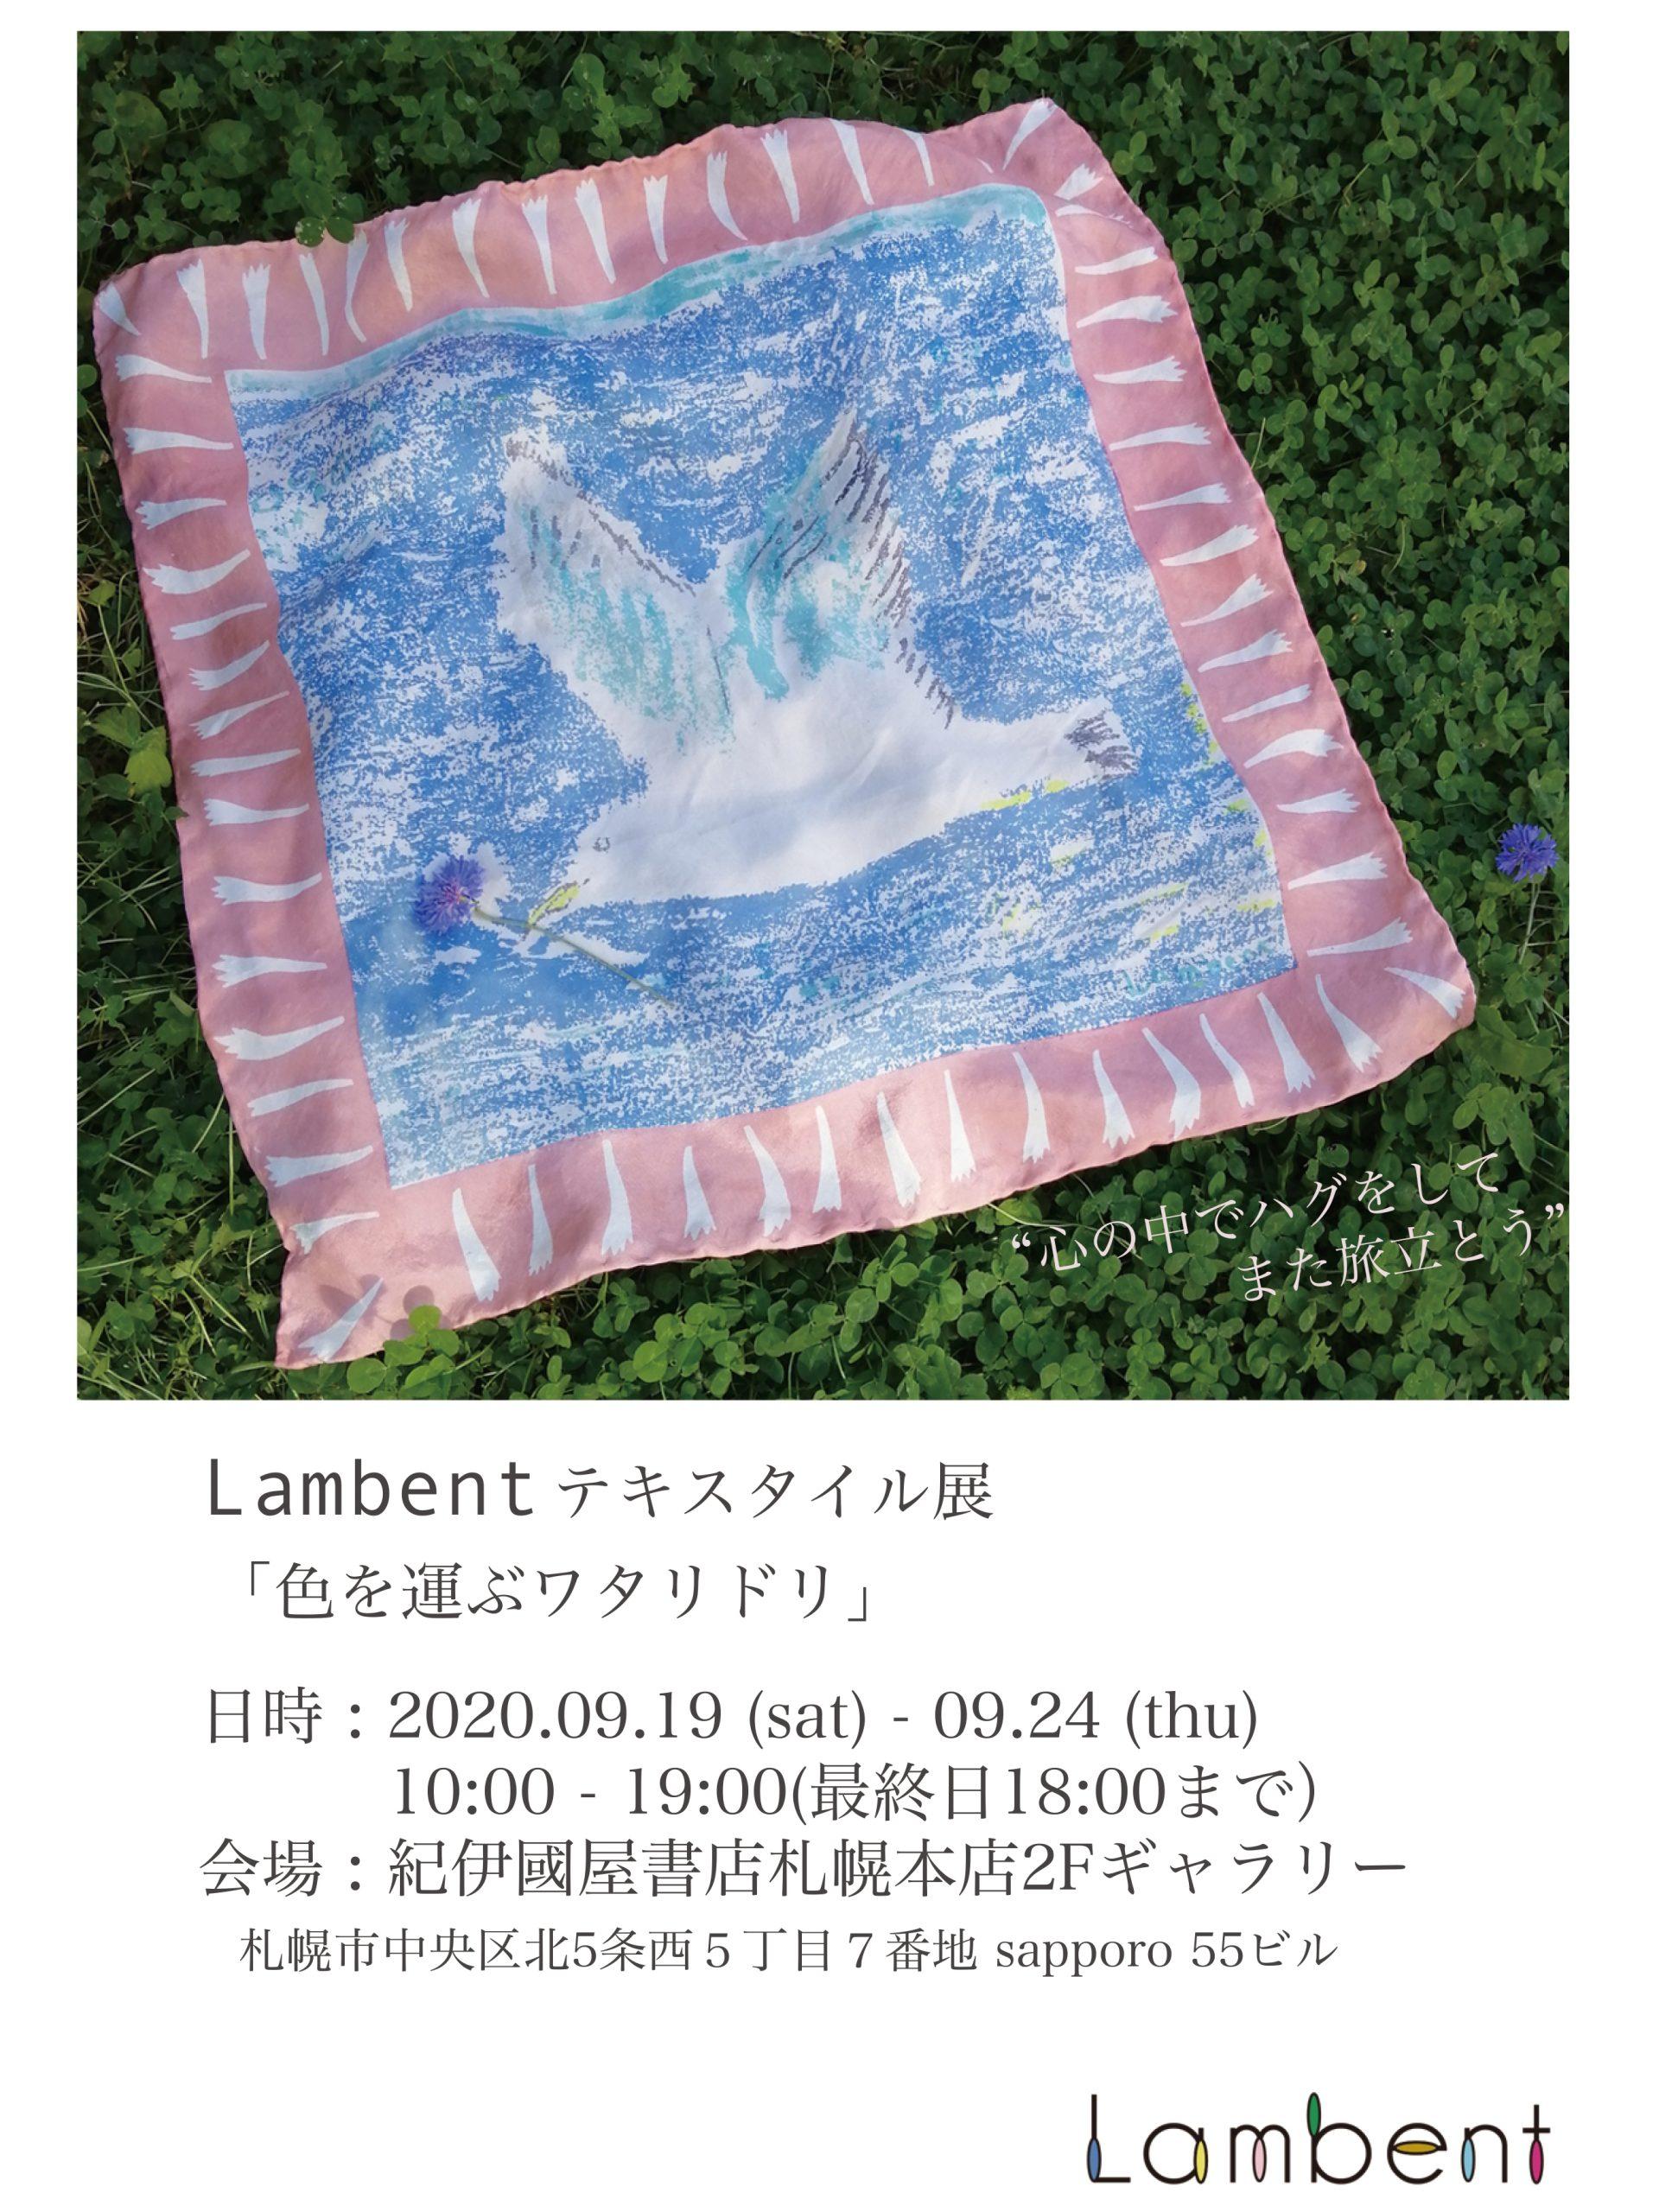 『 色を運ぶワタリドリ 』Lambent テキスタイル展